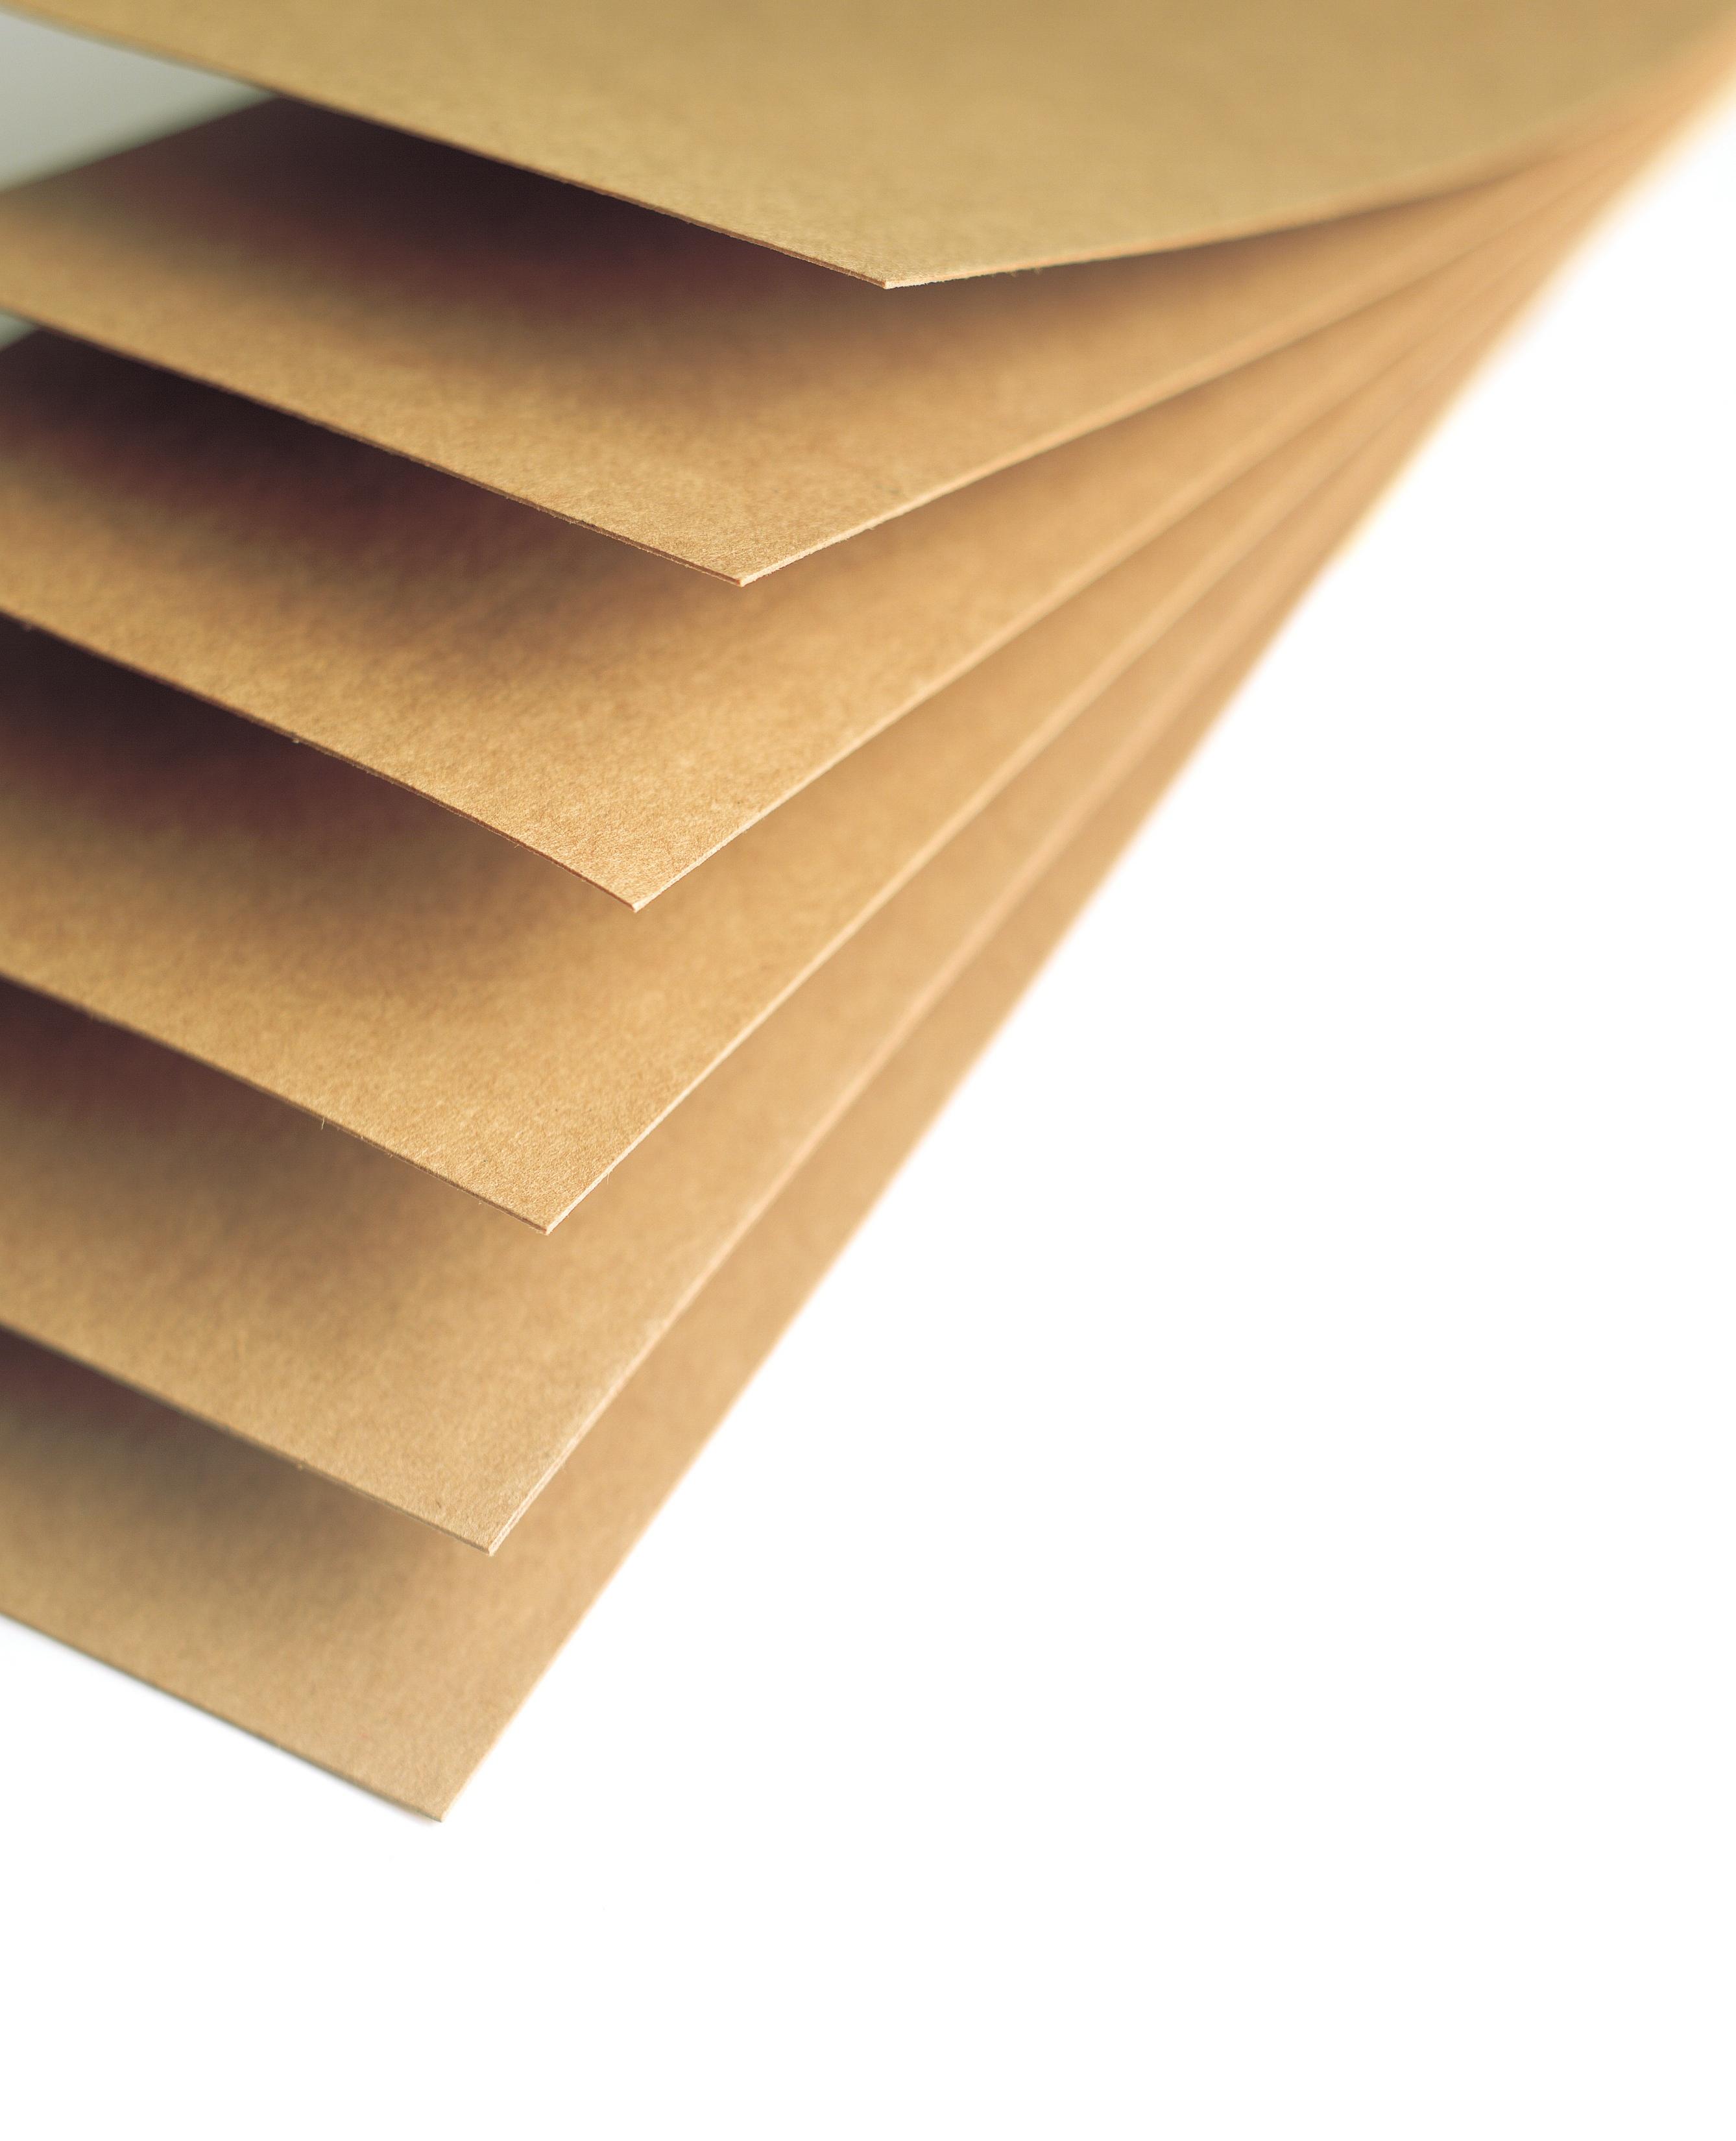 Cómo configurar la impresora para papel grueso en InDesign